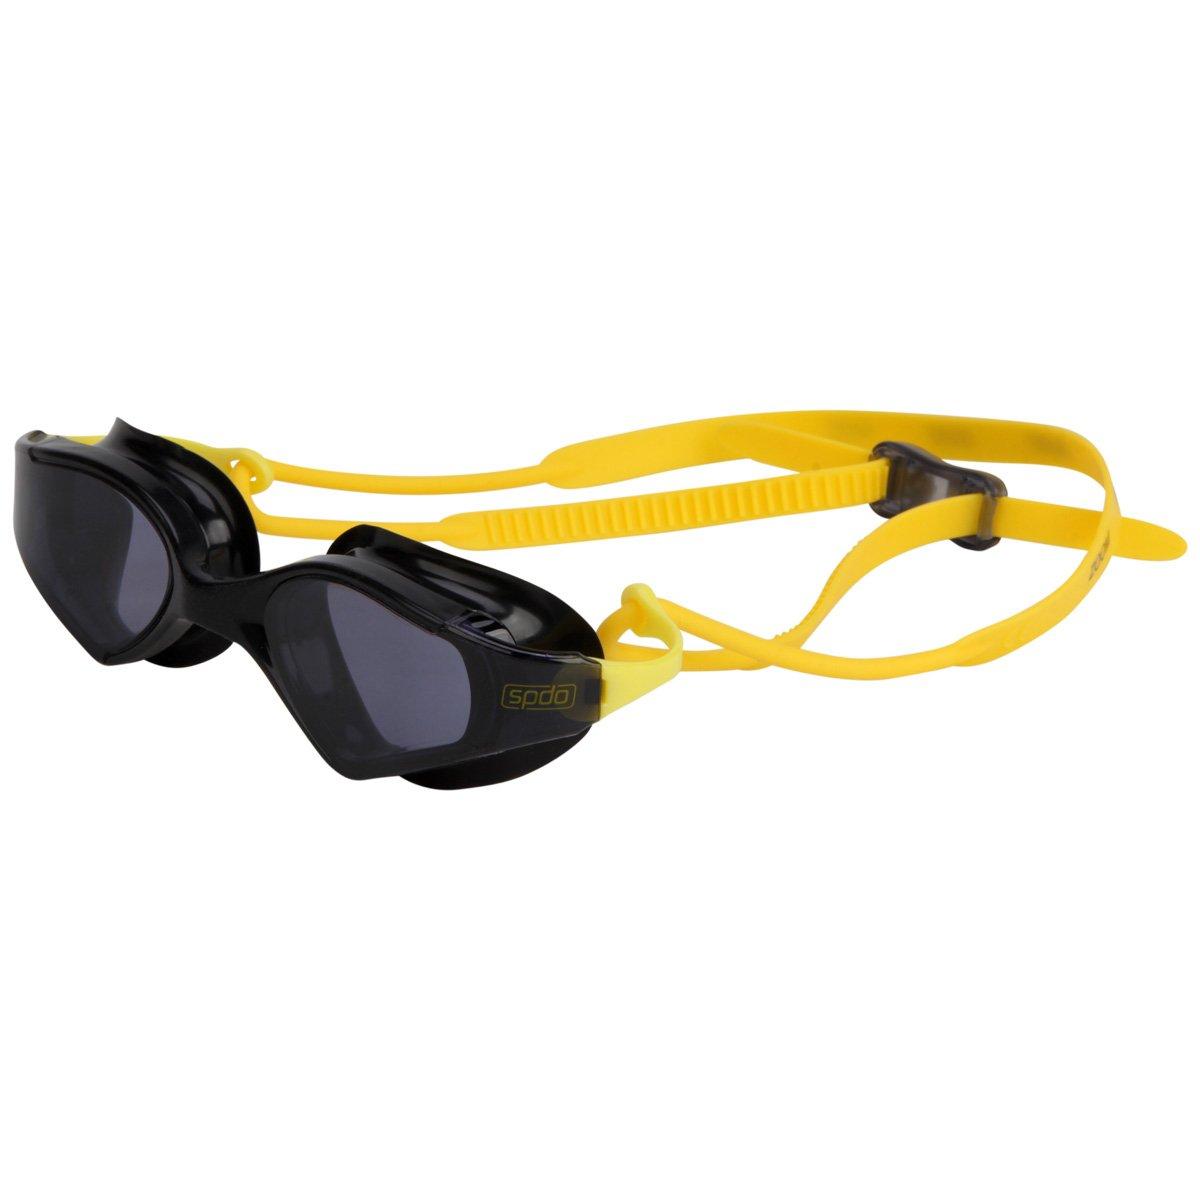 Óculos de Natação Speedo Zoom Preto e Amarelo Lente Fumê